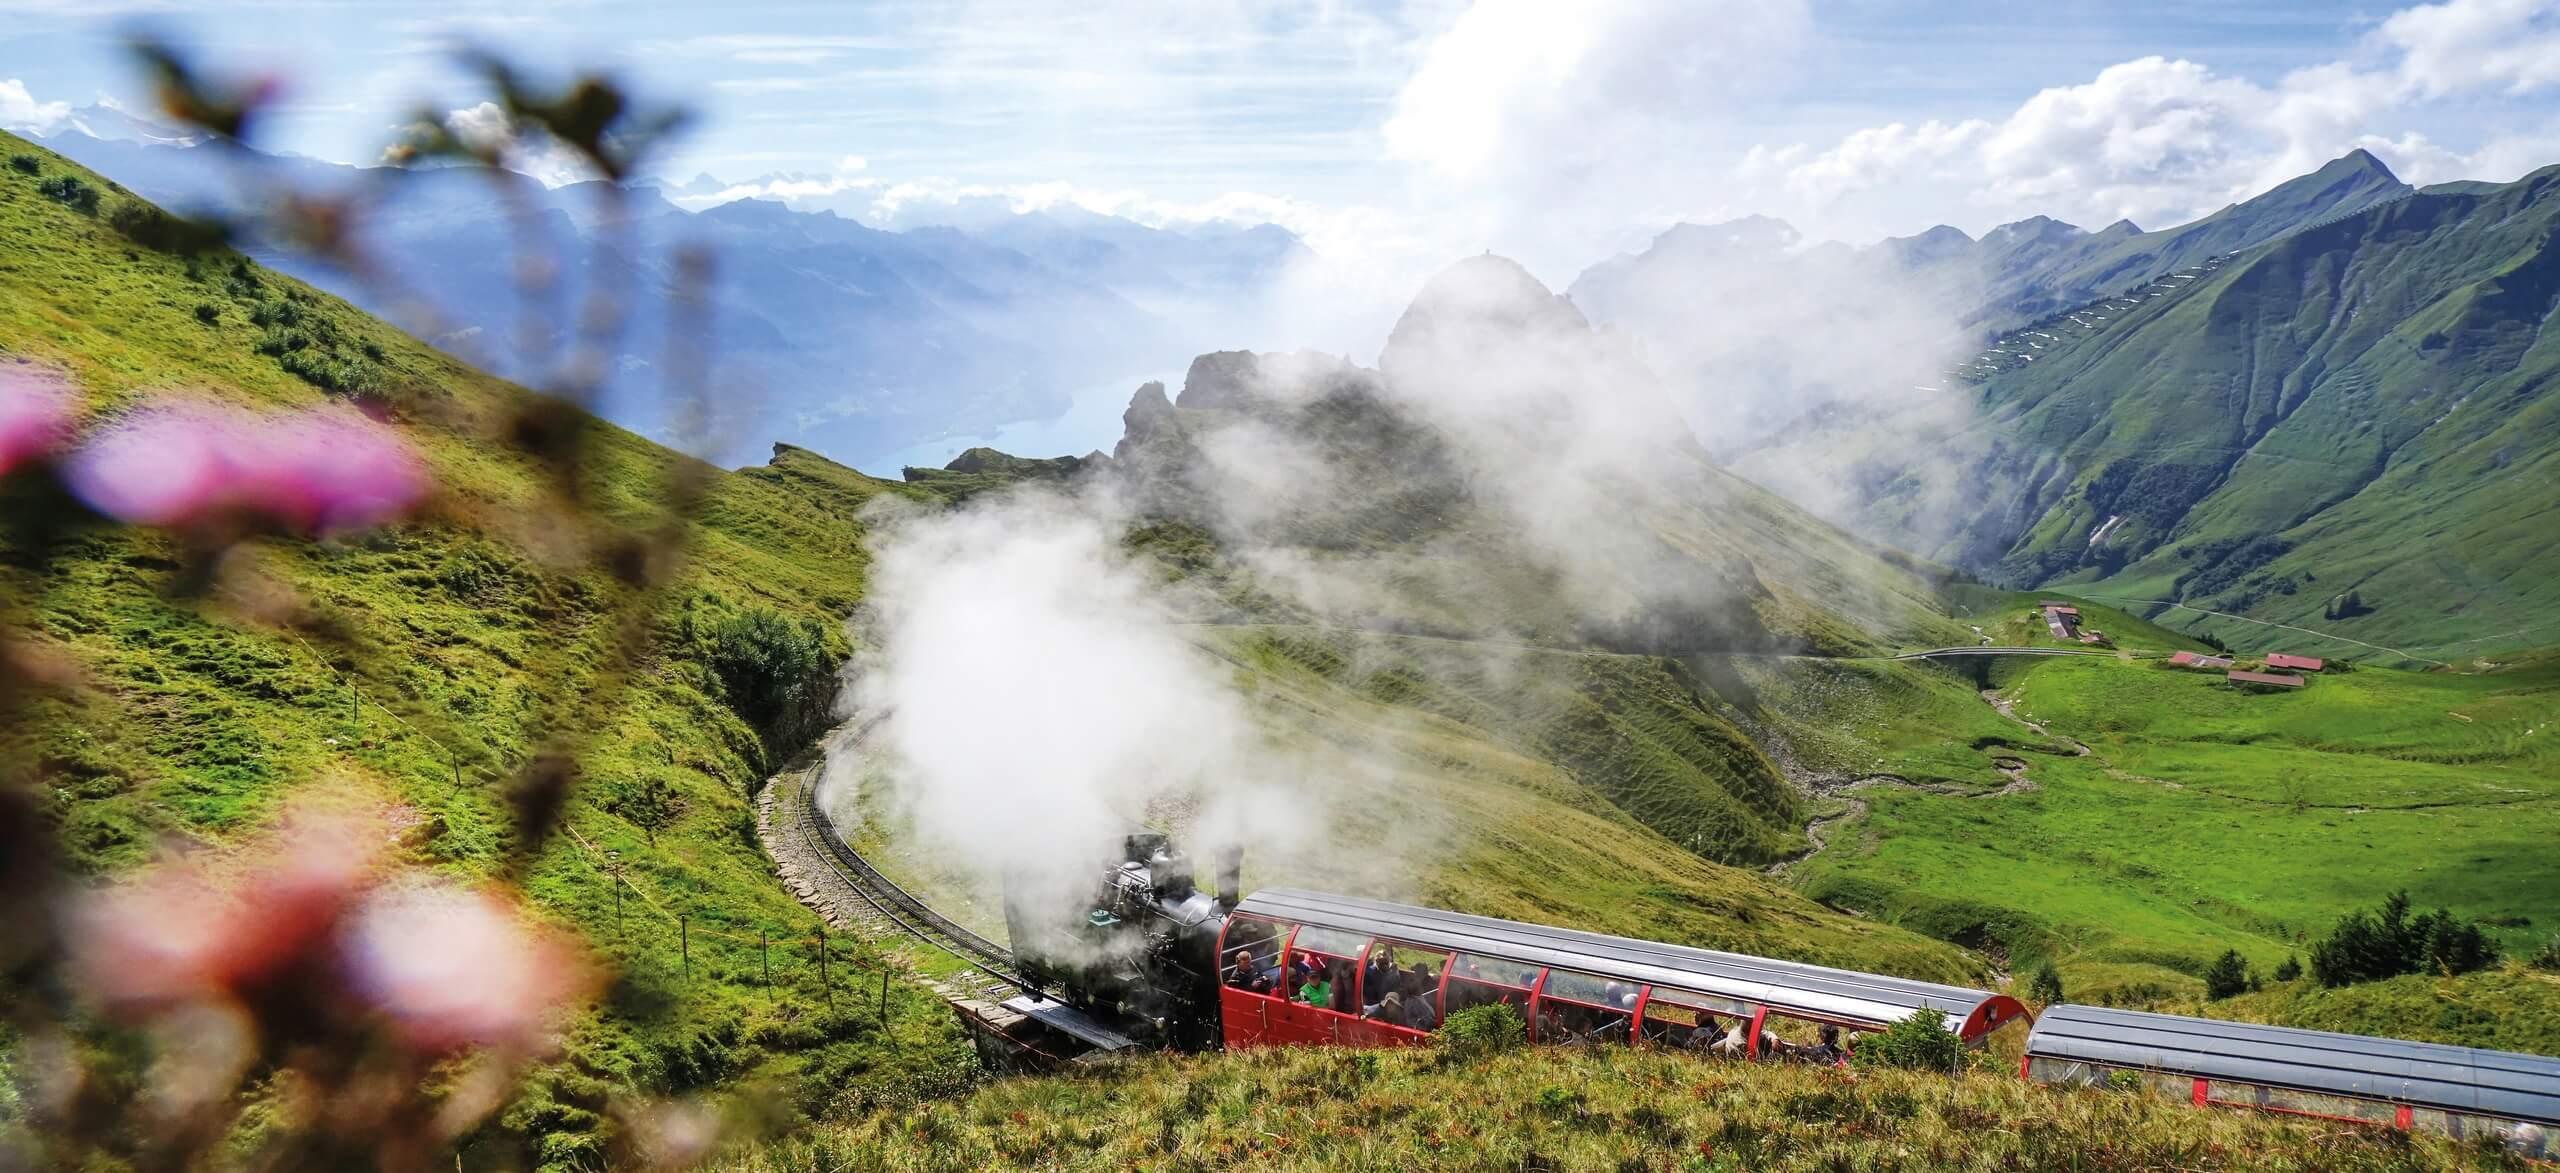 brienzer-rothornbahn-panorama-berge-sommer